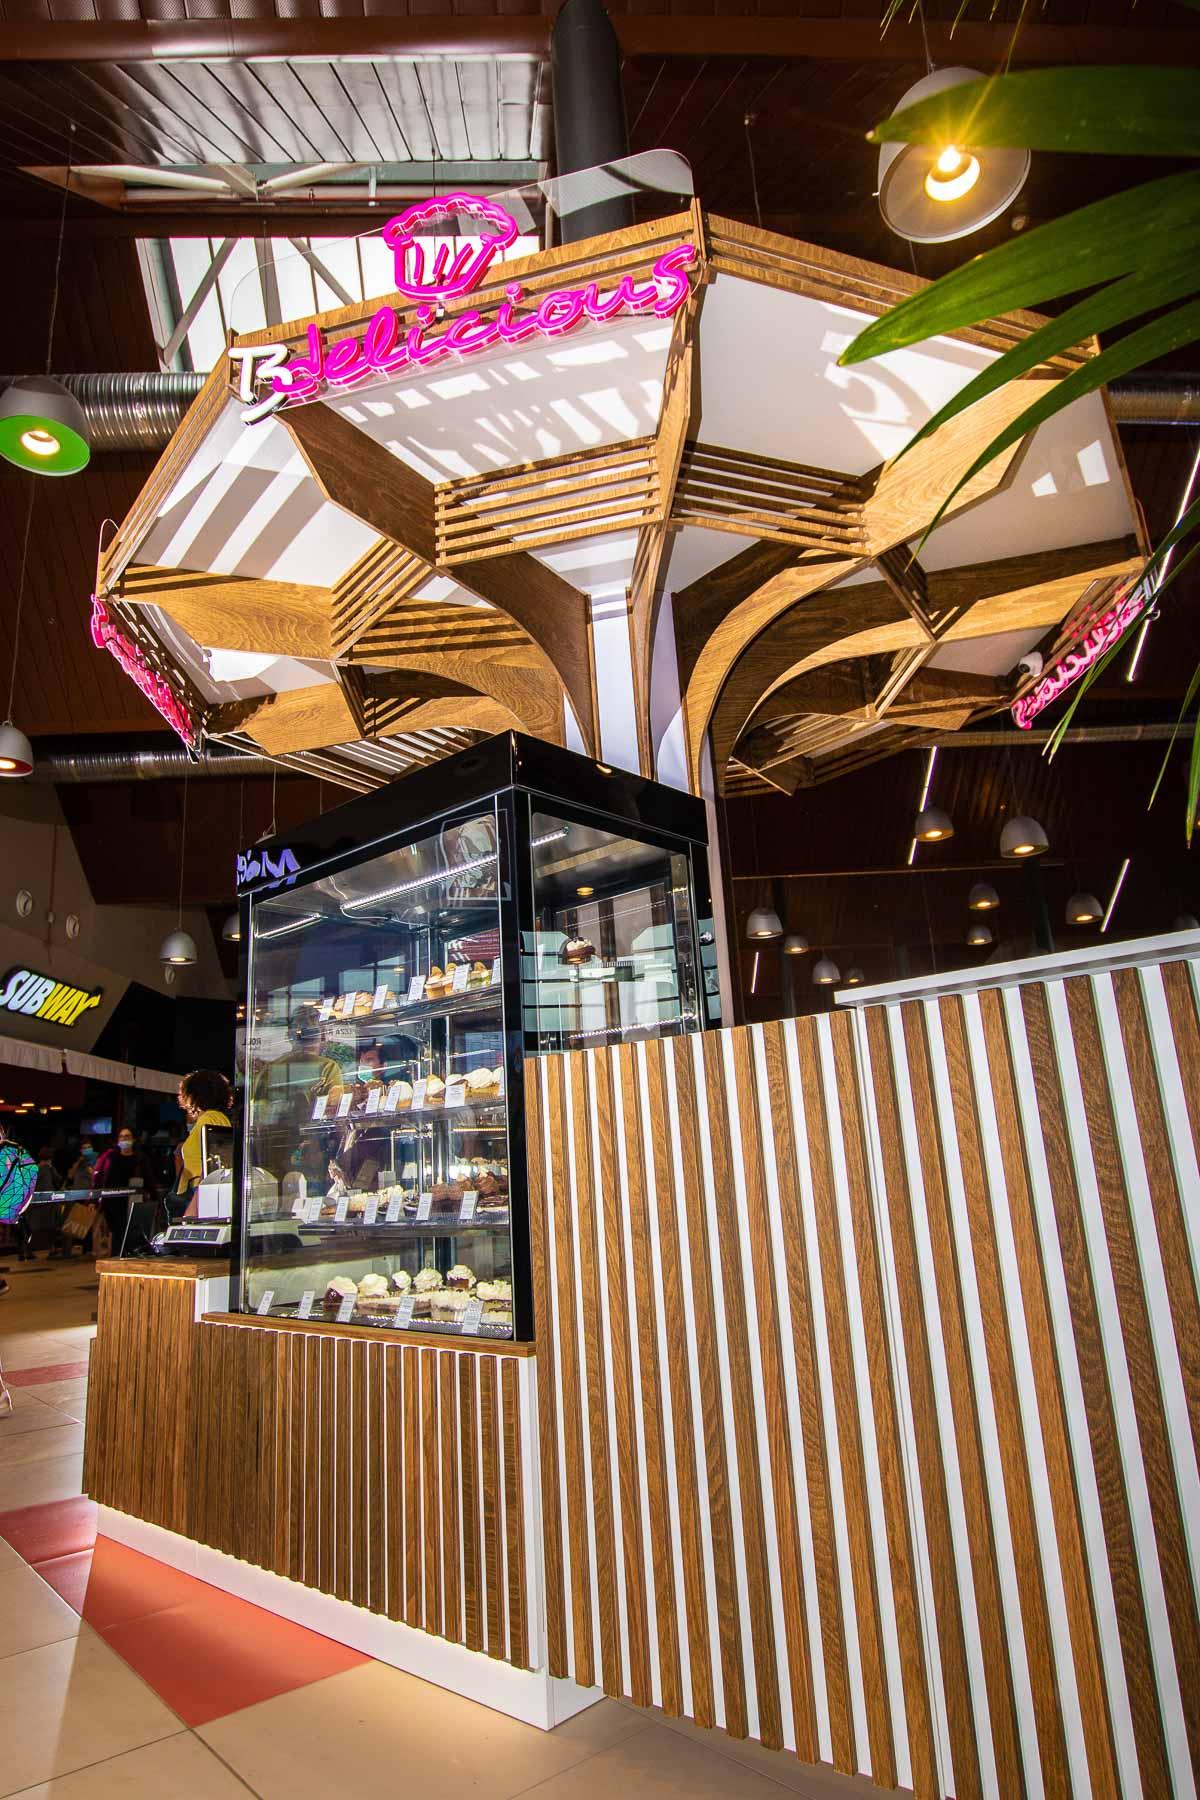 Fotografie imobiliara mall Coressi Brasov - Proiect Miso Architects